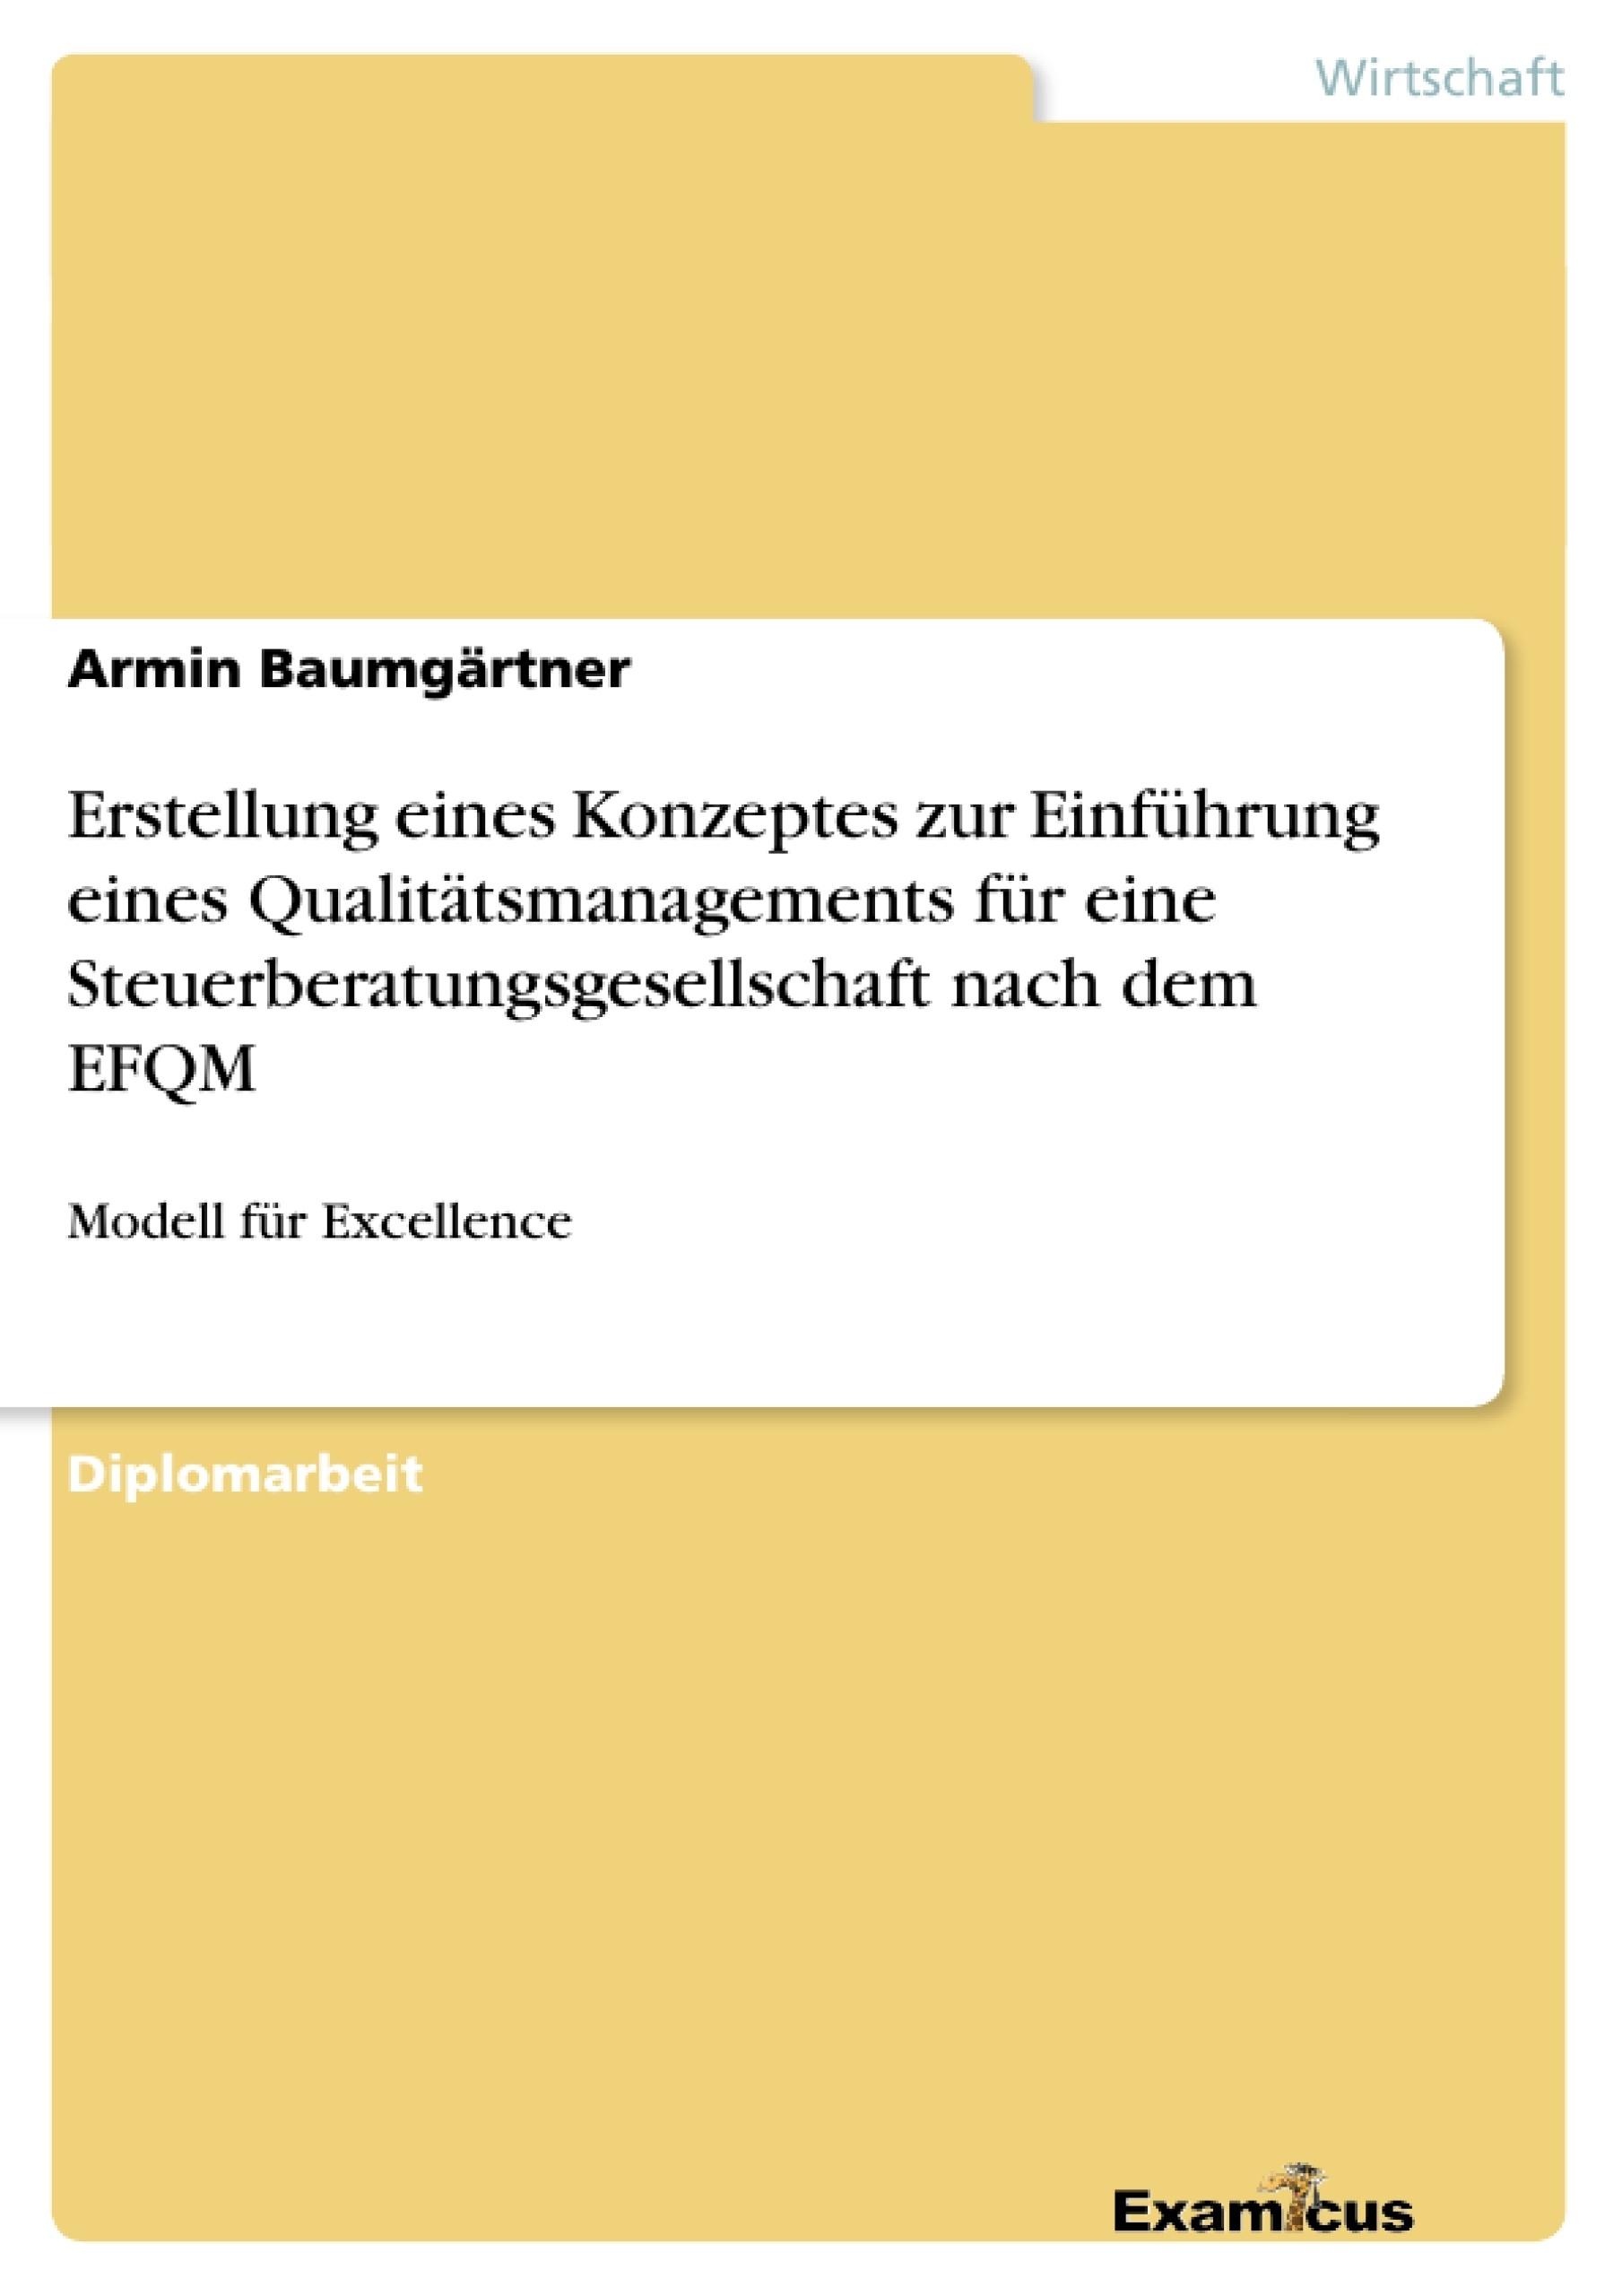 Titel: Erstellung eines Konzeptes zur Einführung eines Qualitätsmanagements für eine Steuerberatungsgesellschaft nach dem EFQM